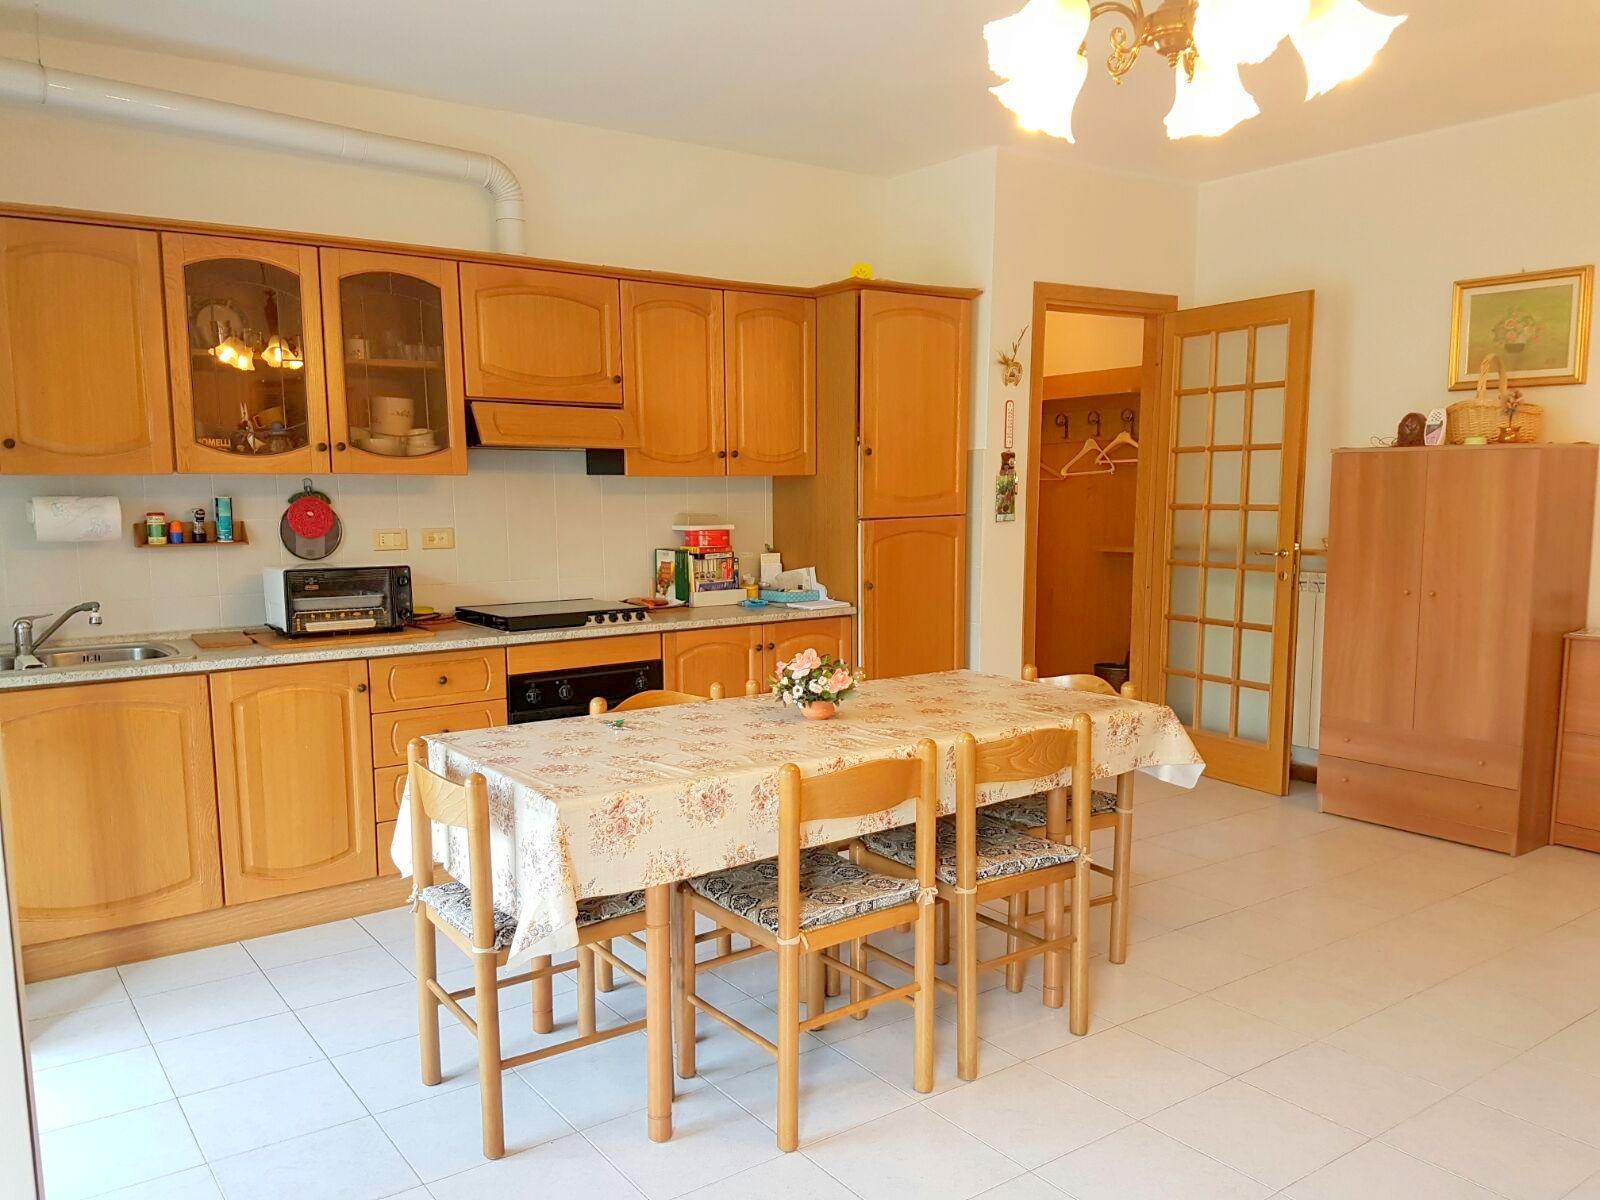 Appartamento in vendita a Ceriale, 3 locali, prezzo € 170.000 | CambioCasa.it